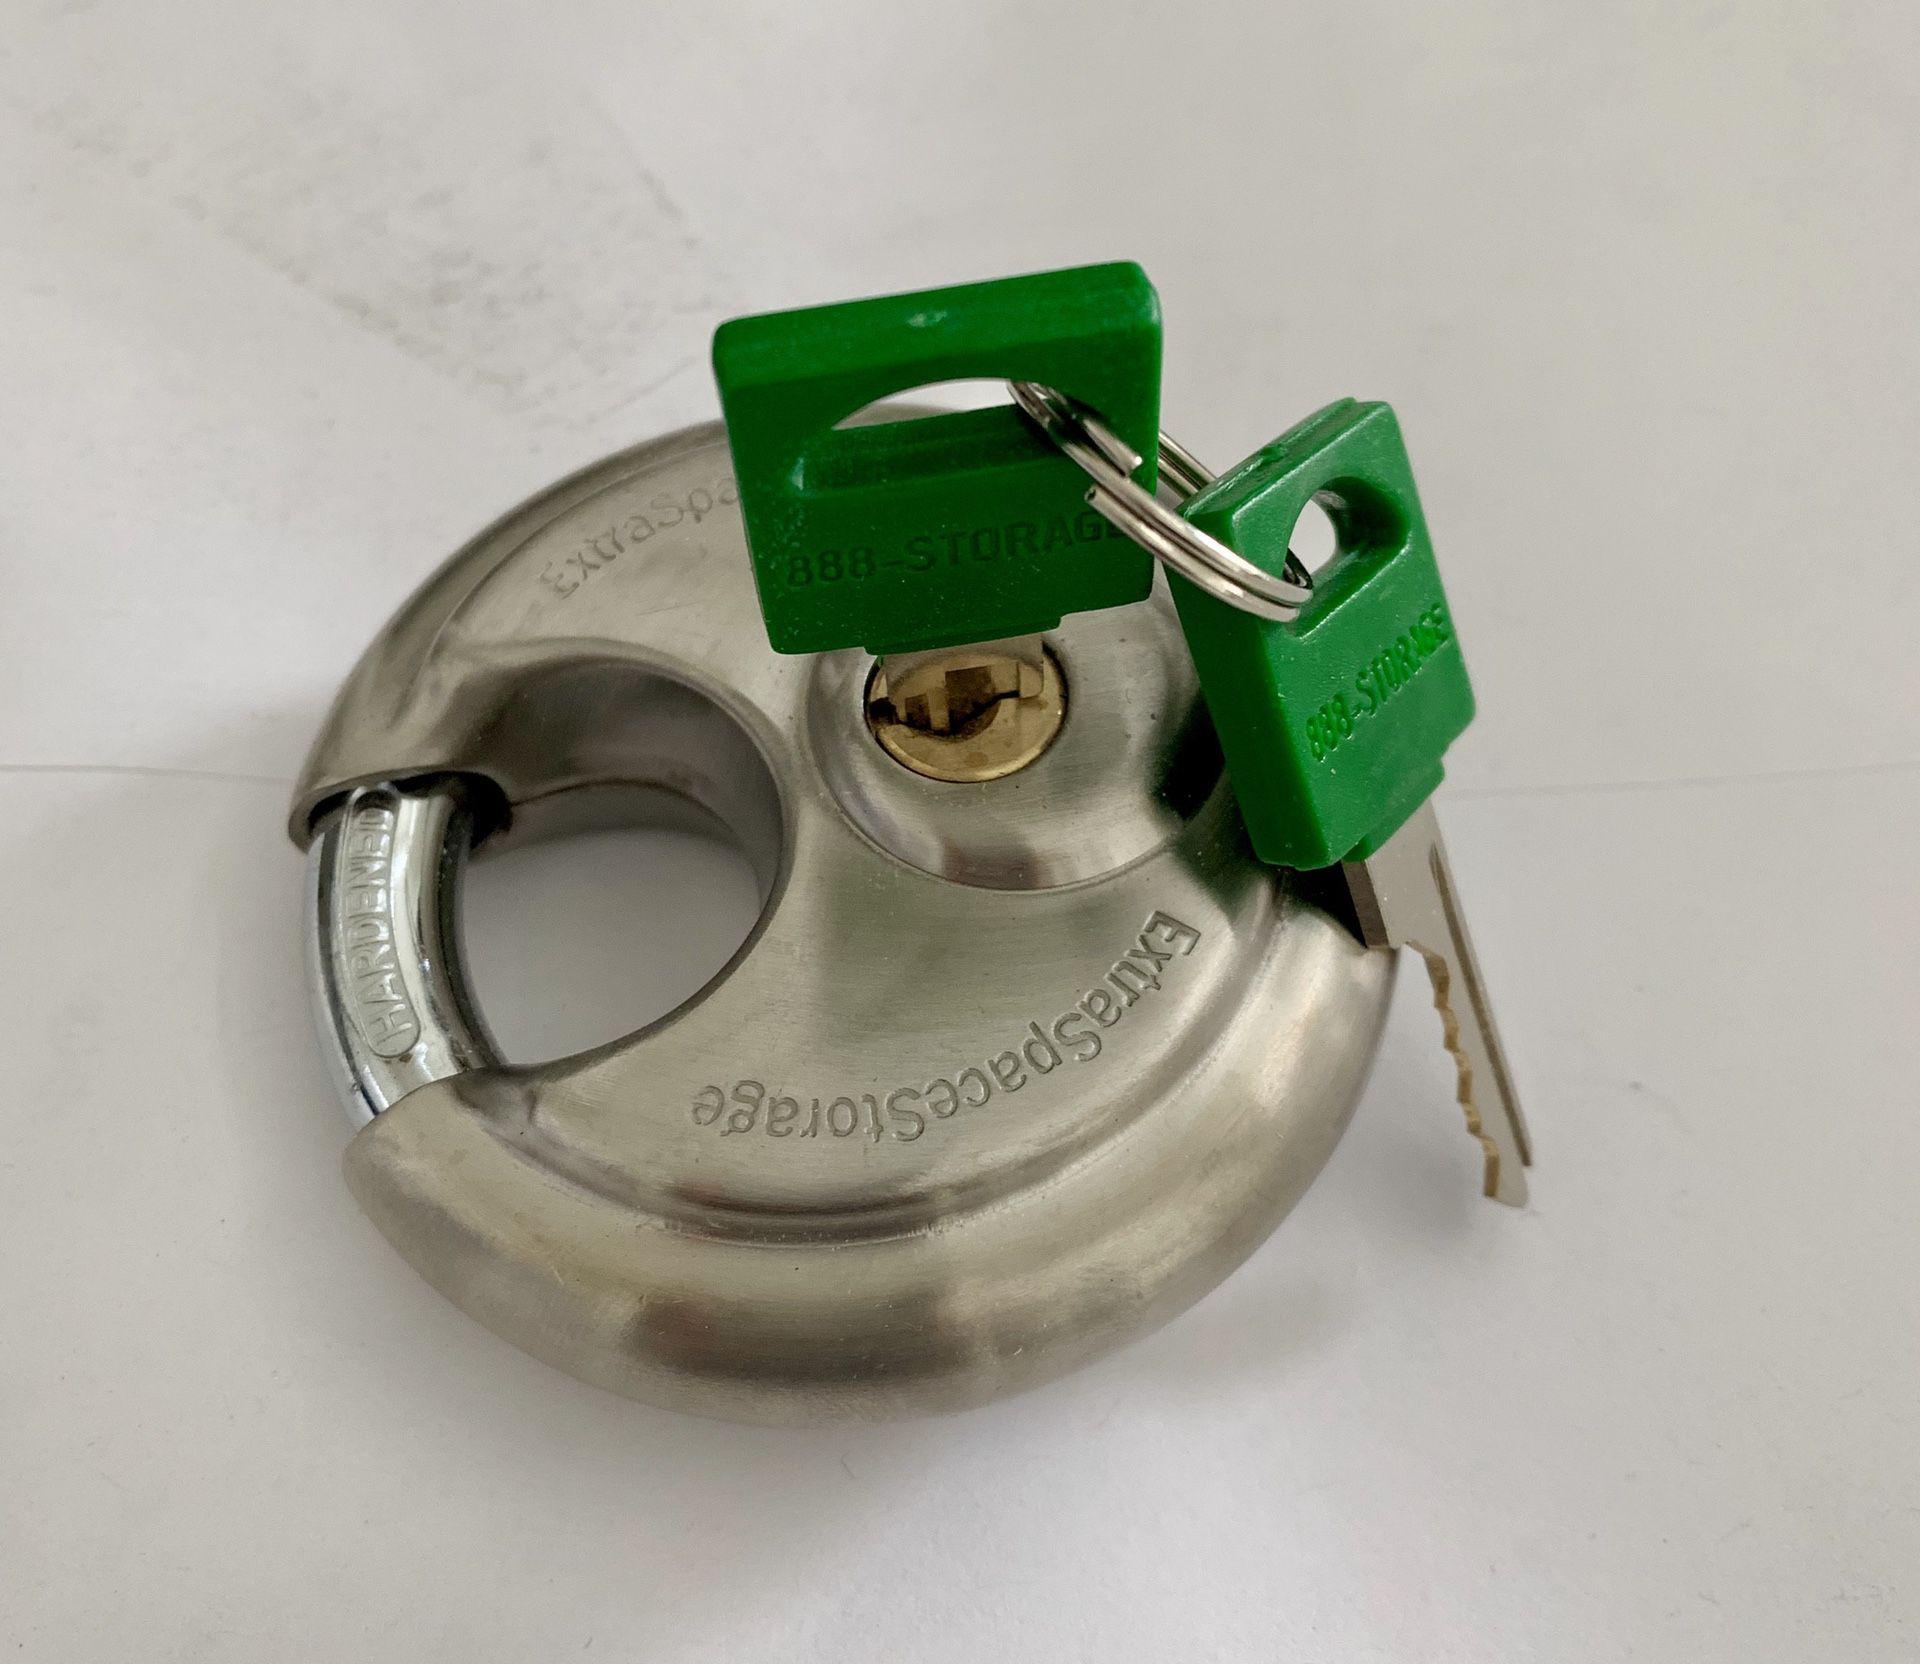 Padlock - Storage unit LOCK - used at ExtraSpace or U-Hall storage units - keyed lock